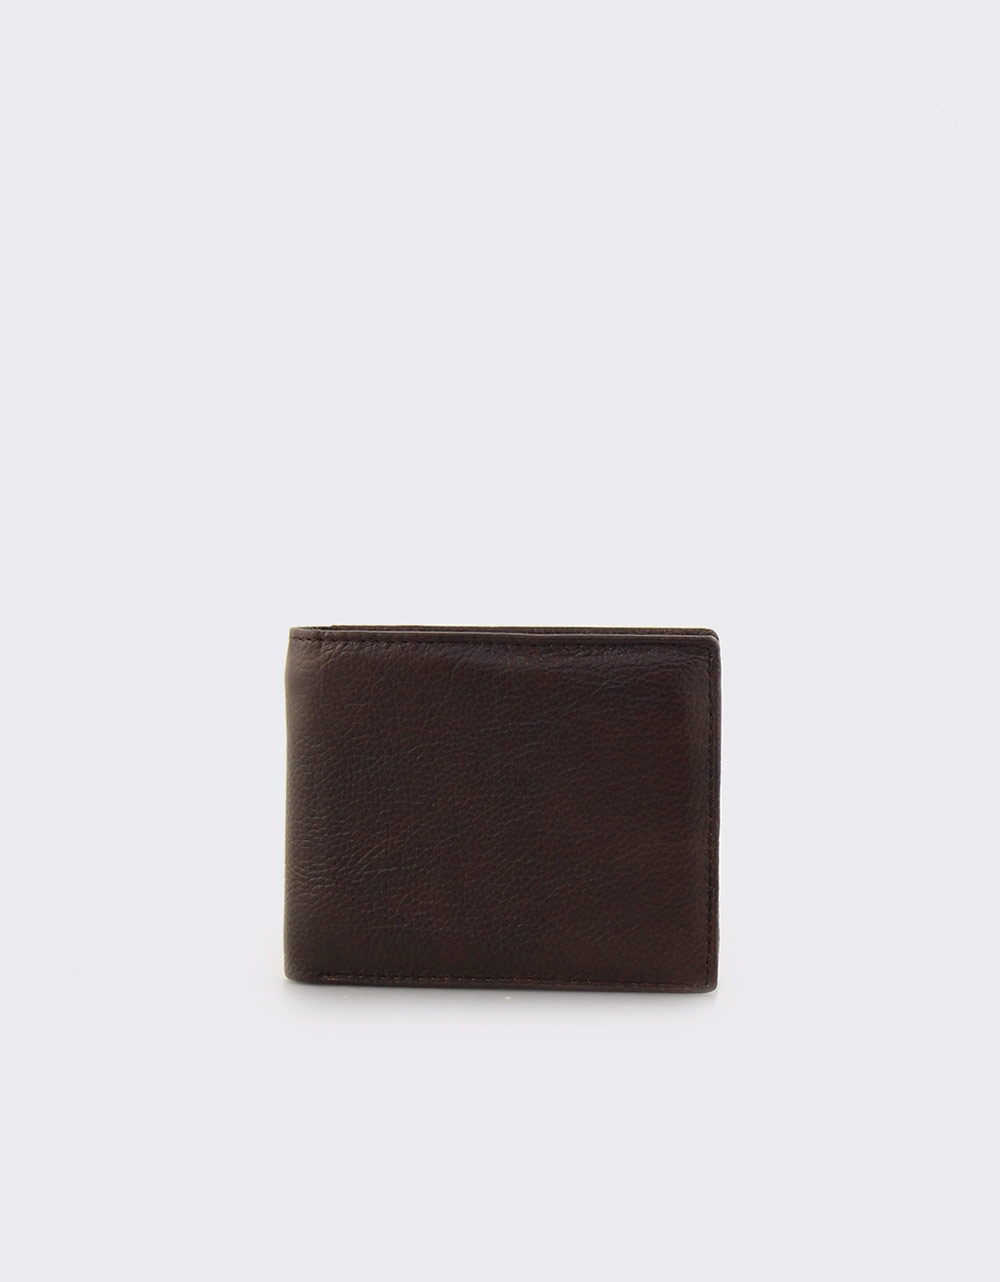 Εικόνα από Ανδρικά δερμάτινα πορτοφόλια σε απλή γραμμή Καφέ